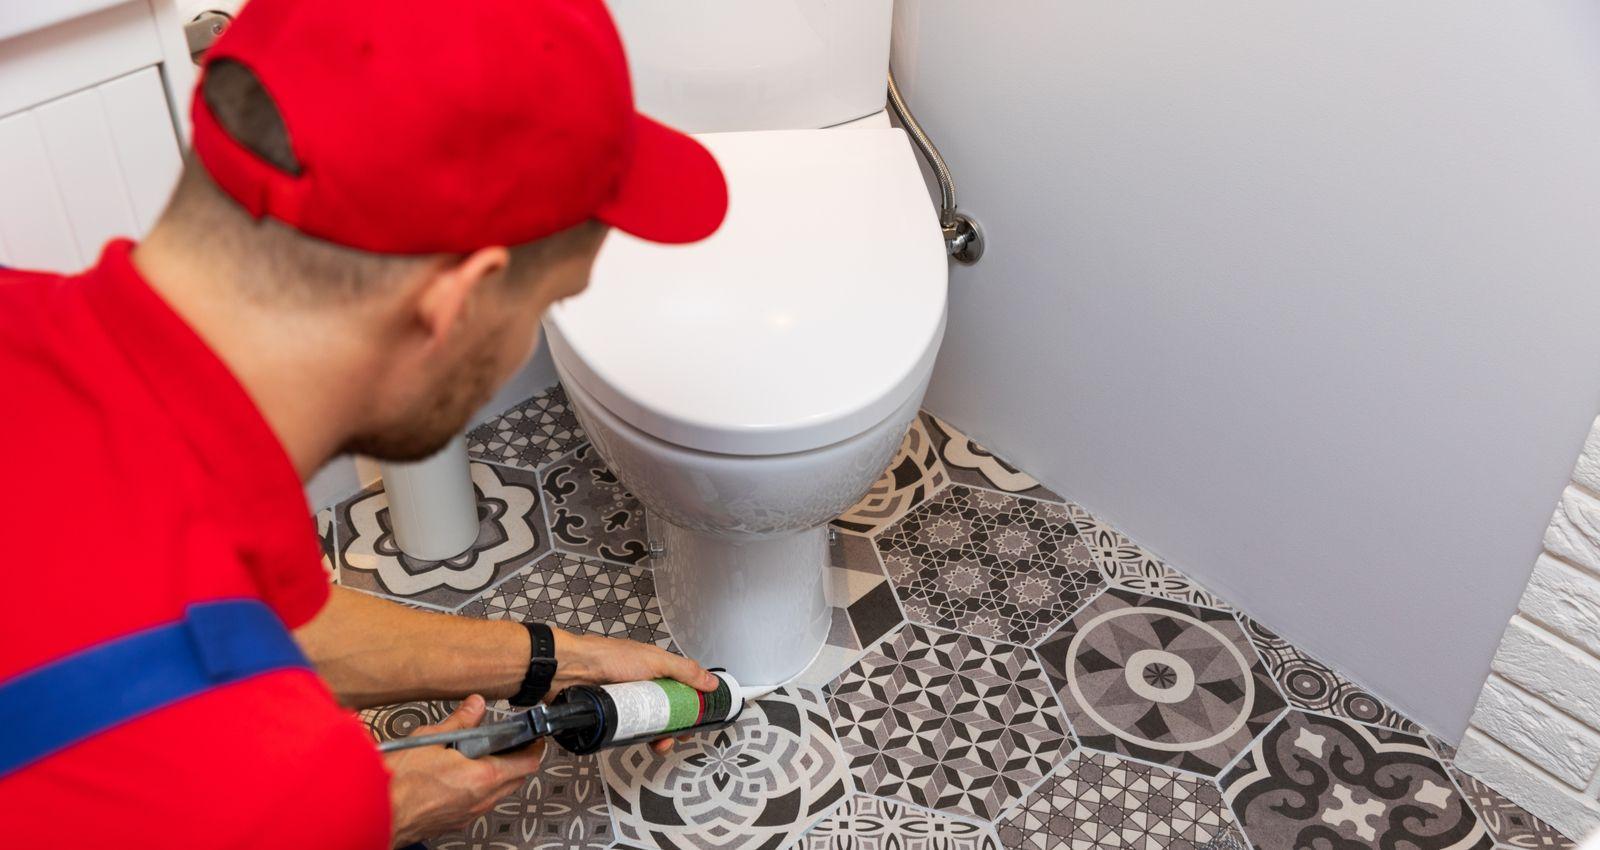 Peinture Pour Les Toilettes comment remplacer, changer, rénover des toilettes ou wc